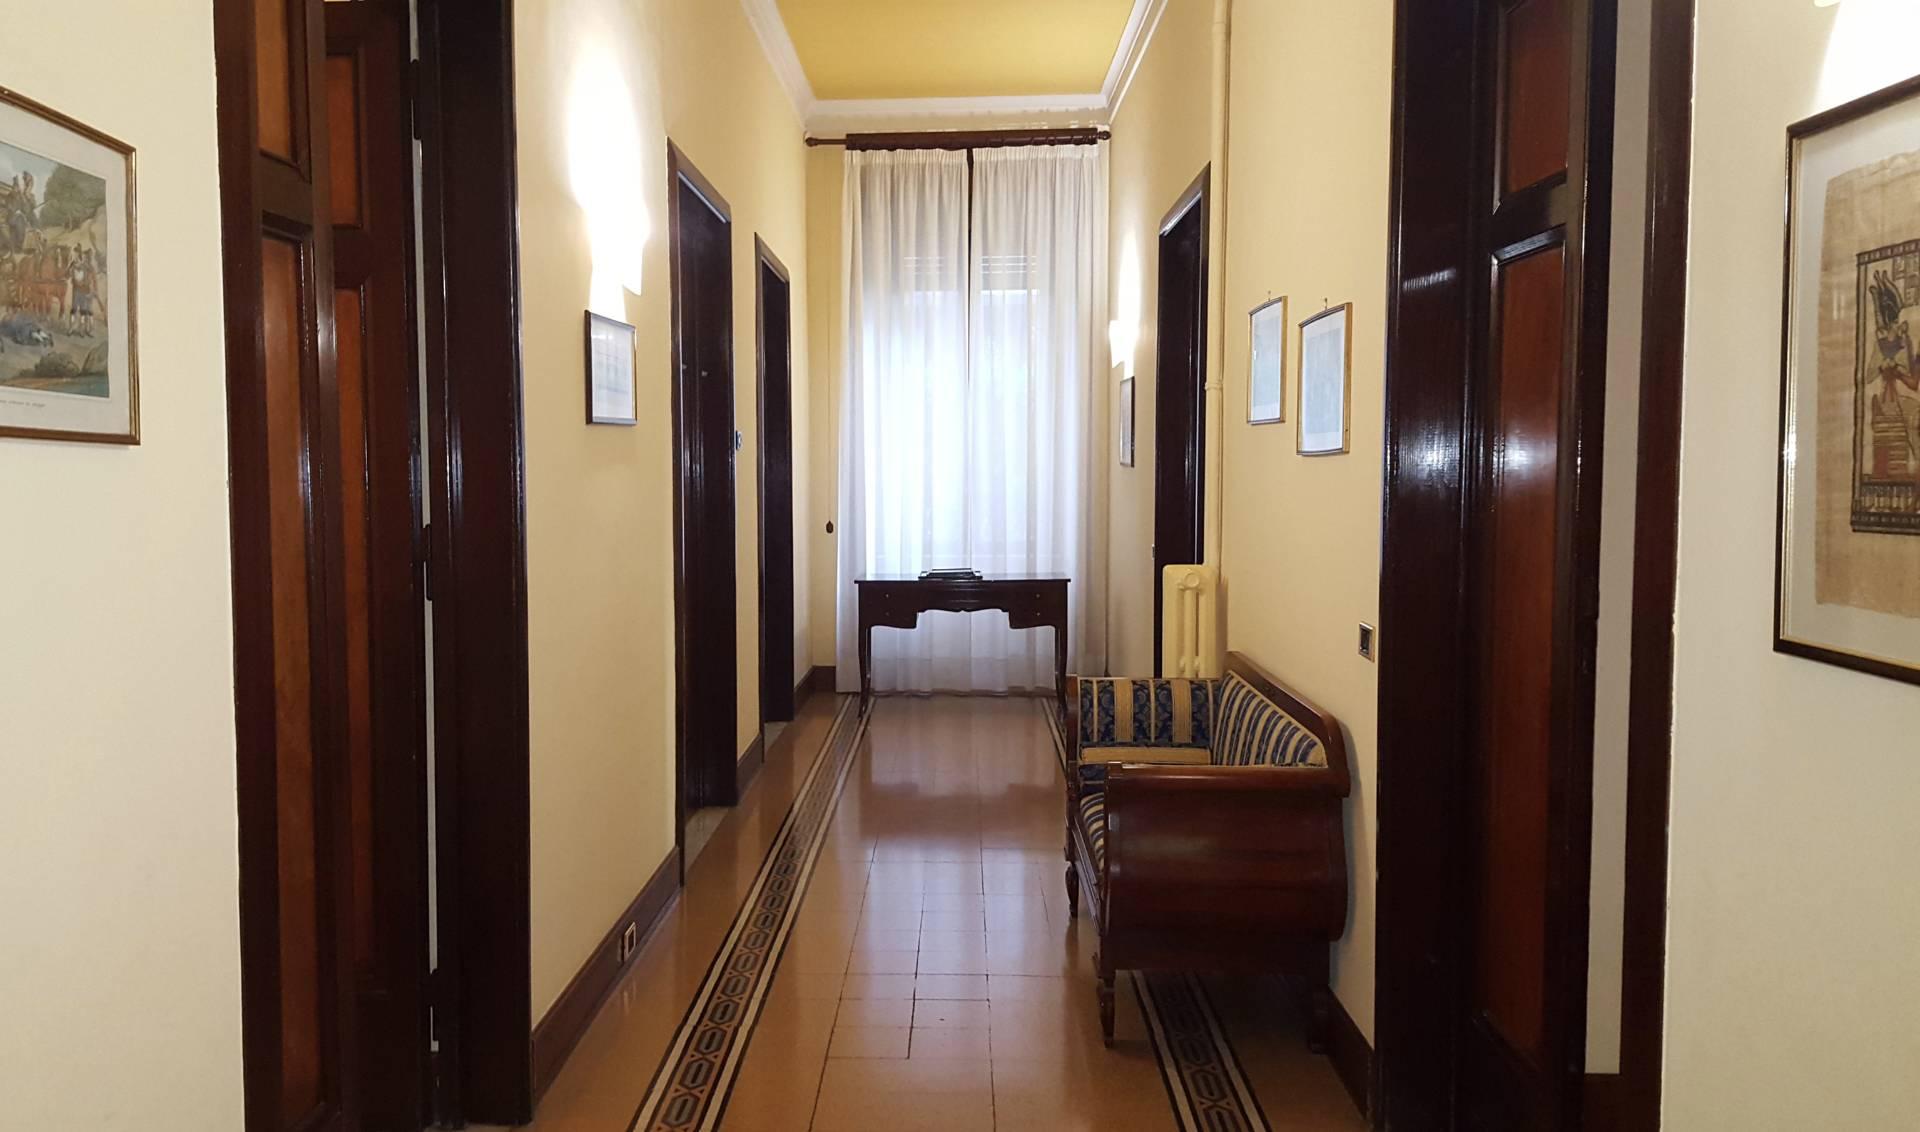 Ufficio / Studio in affitto a Teramo, 9999 locali, zona Località: VialeMazzini, prezzo € 800 | Cambio Casa.it